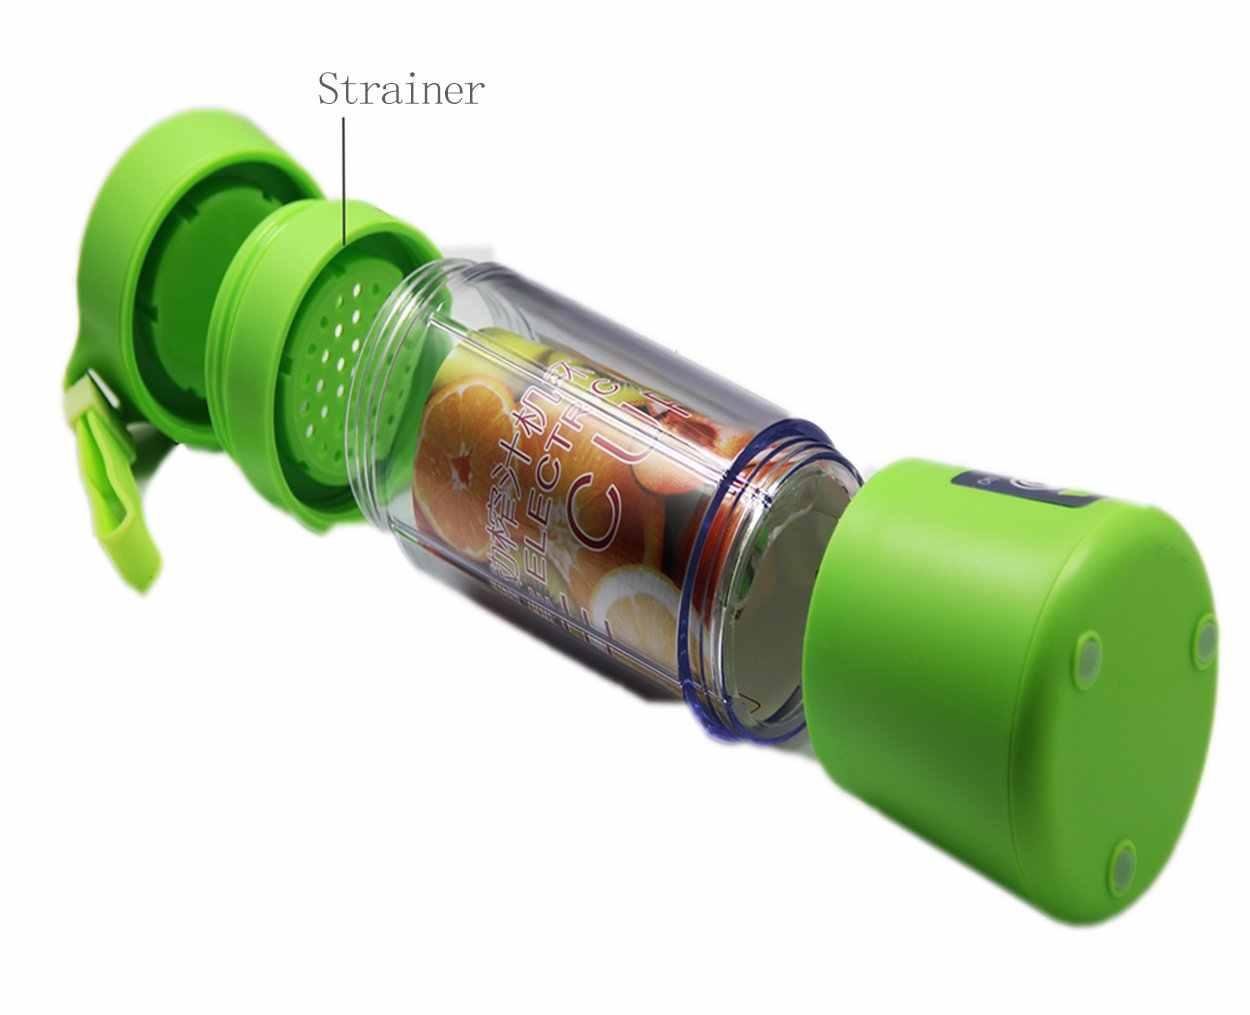 Соковыжималка чашка мини USB портативный персональный Размер Eletric Аккумуляторный миксер смешивание фруктов блендер бутылка для воды 380 мл